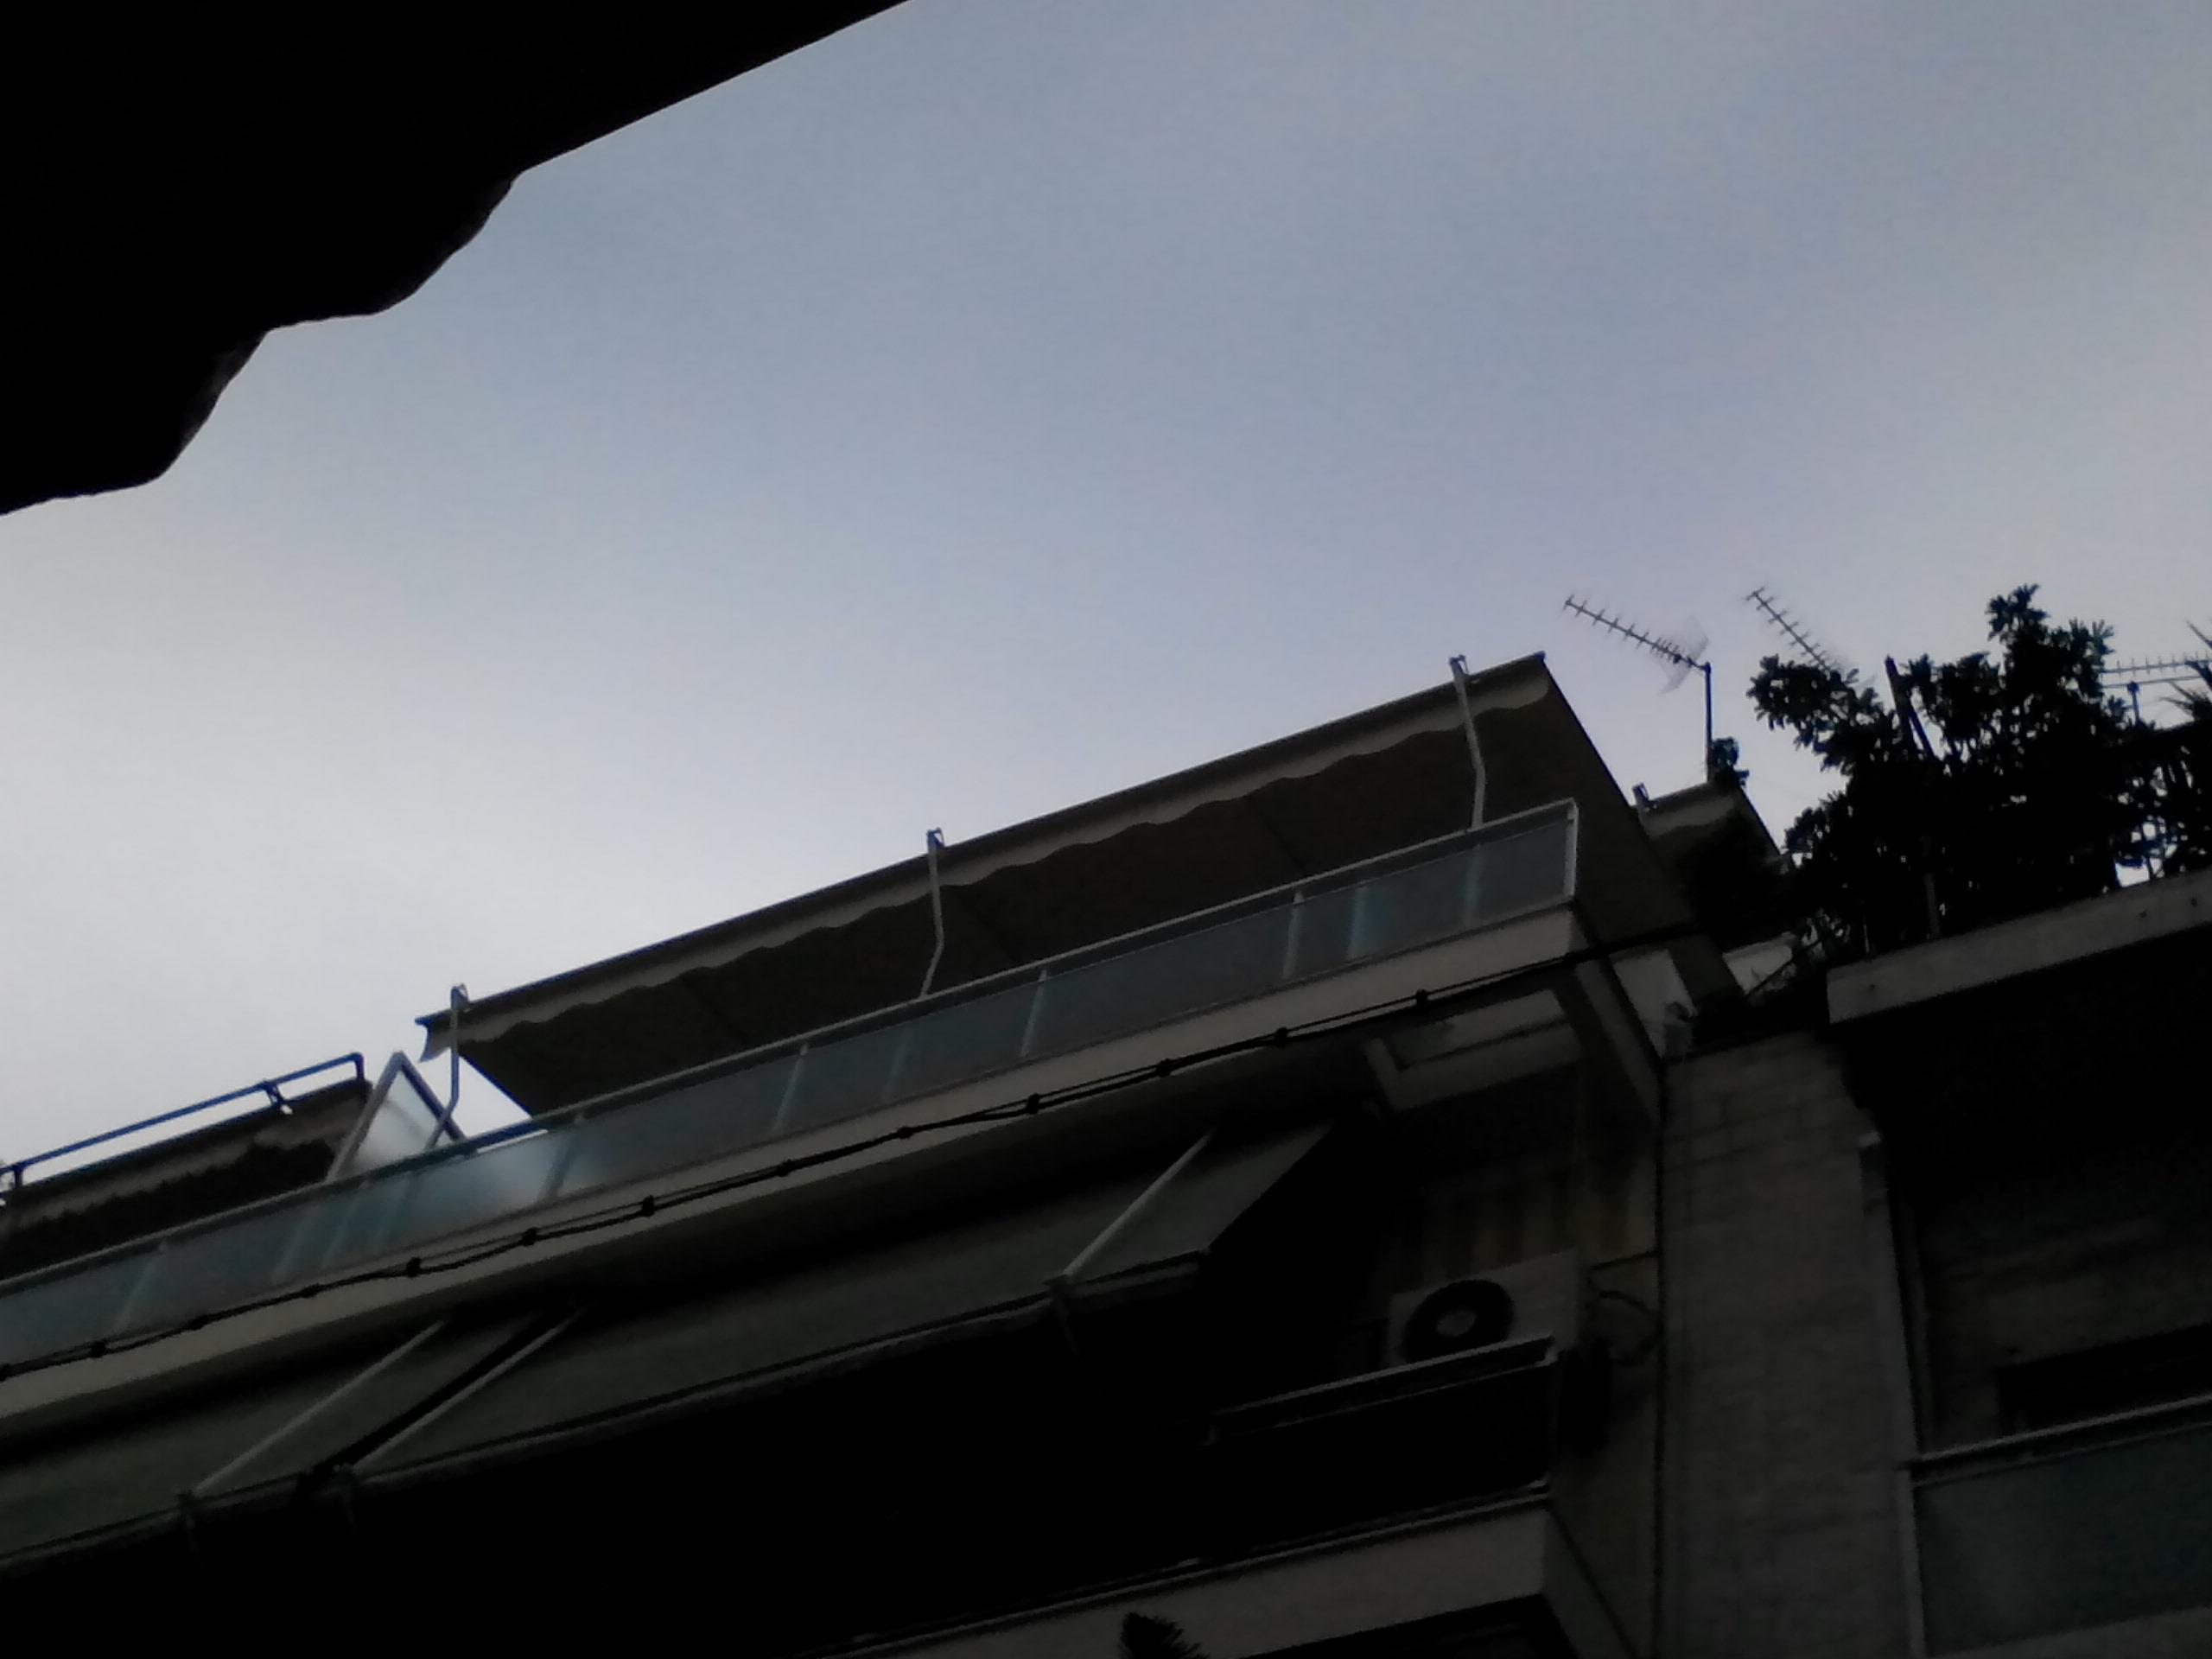 Τέντα  με αντιρίδες κ κολώνες σε ρετιρέ